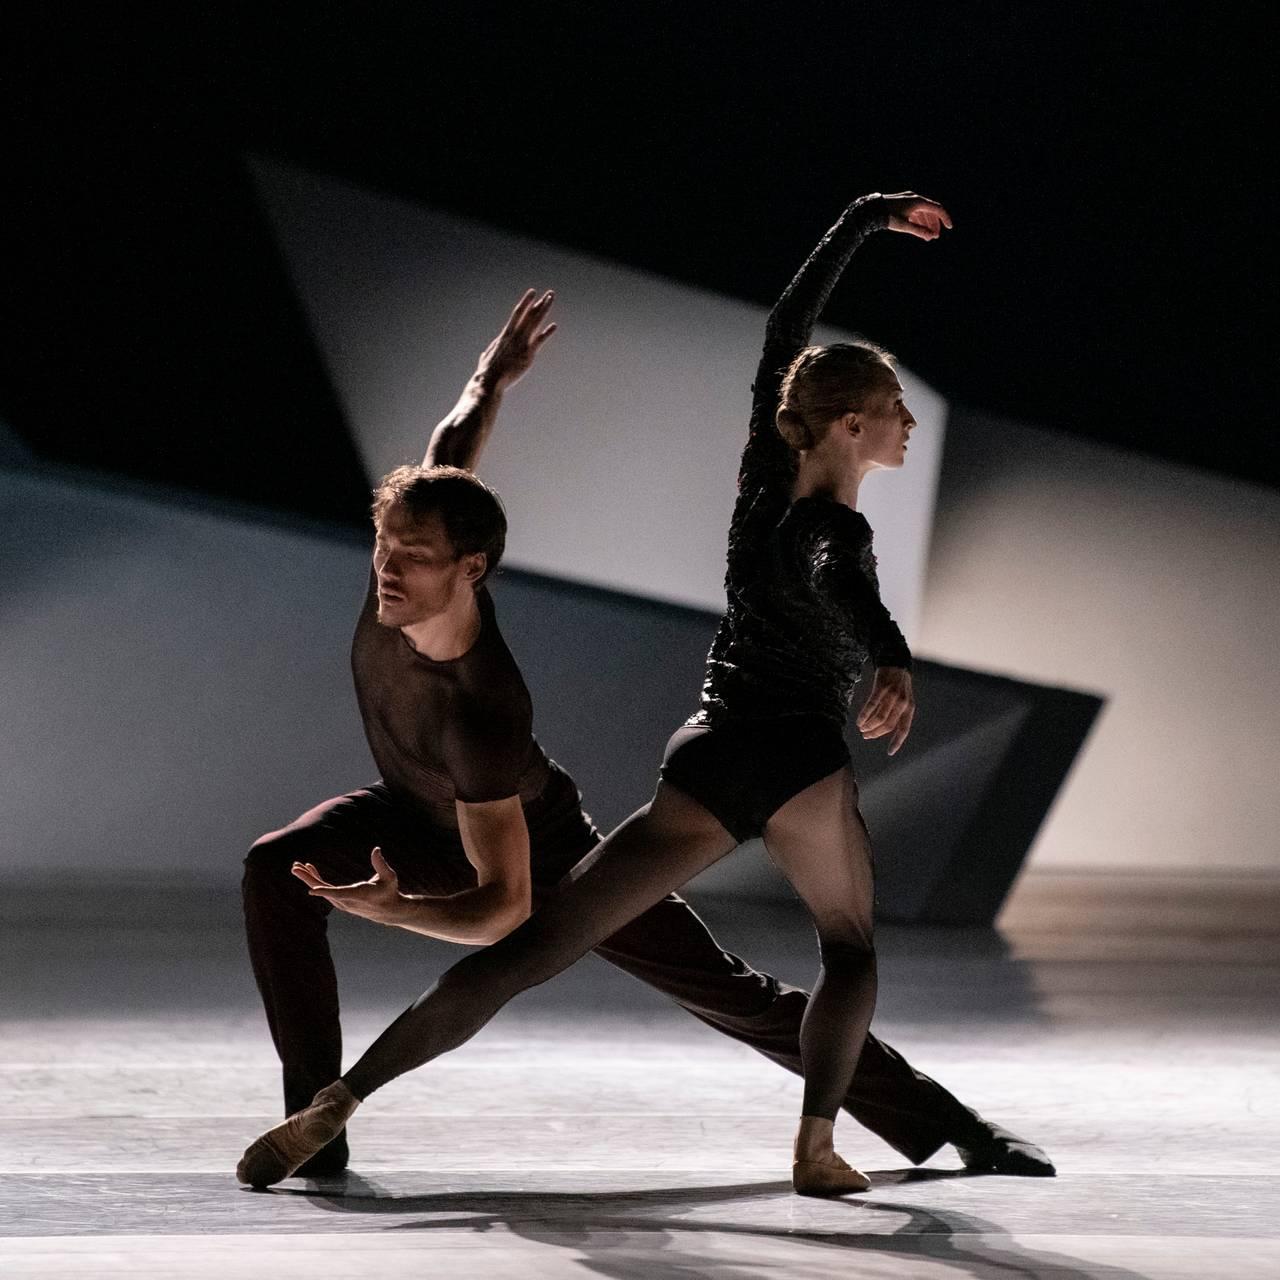 Erik Murzagaliyev og Grete Sofie Borud Nybakken i ballettforestillingen